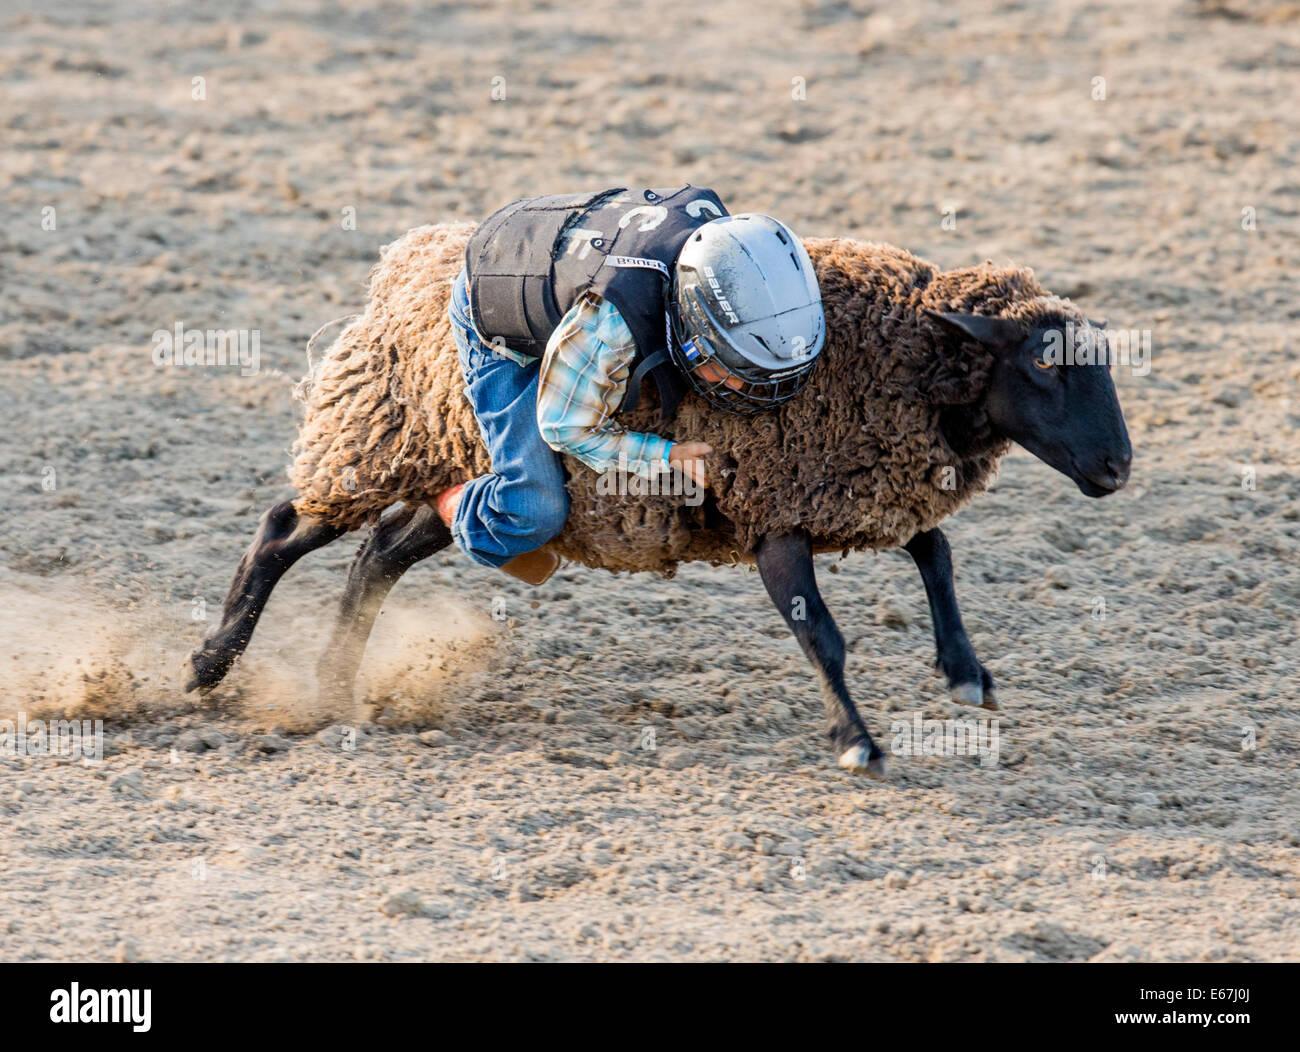 Niño montando una oveja en el carnero busting la competencia, evento Chaffee County Fair & Rodeo Imagen De Stock